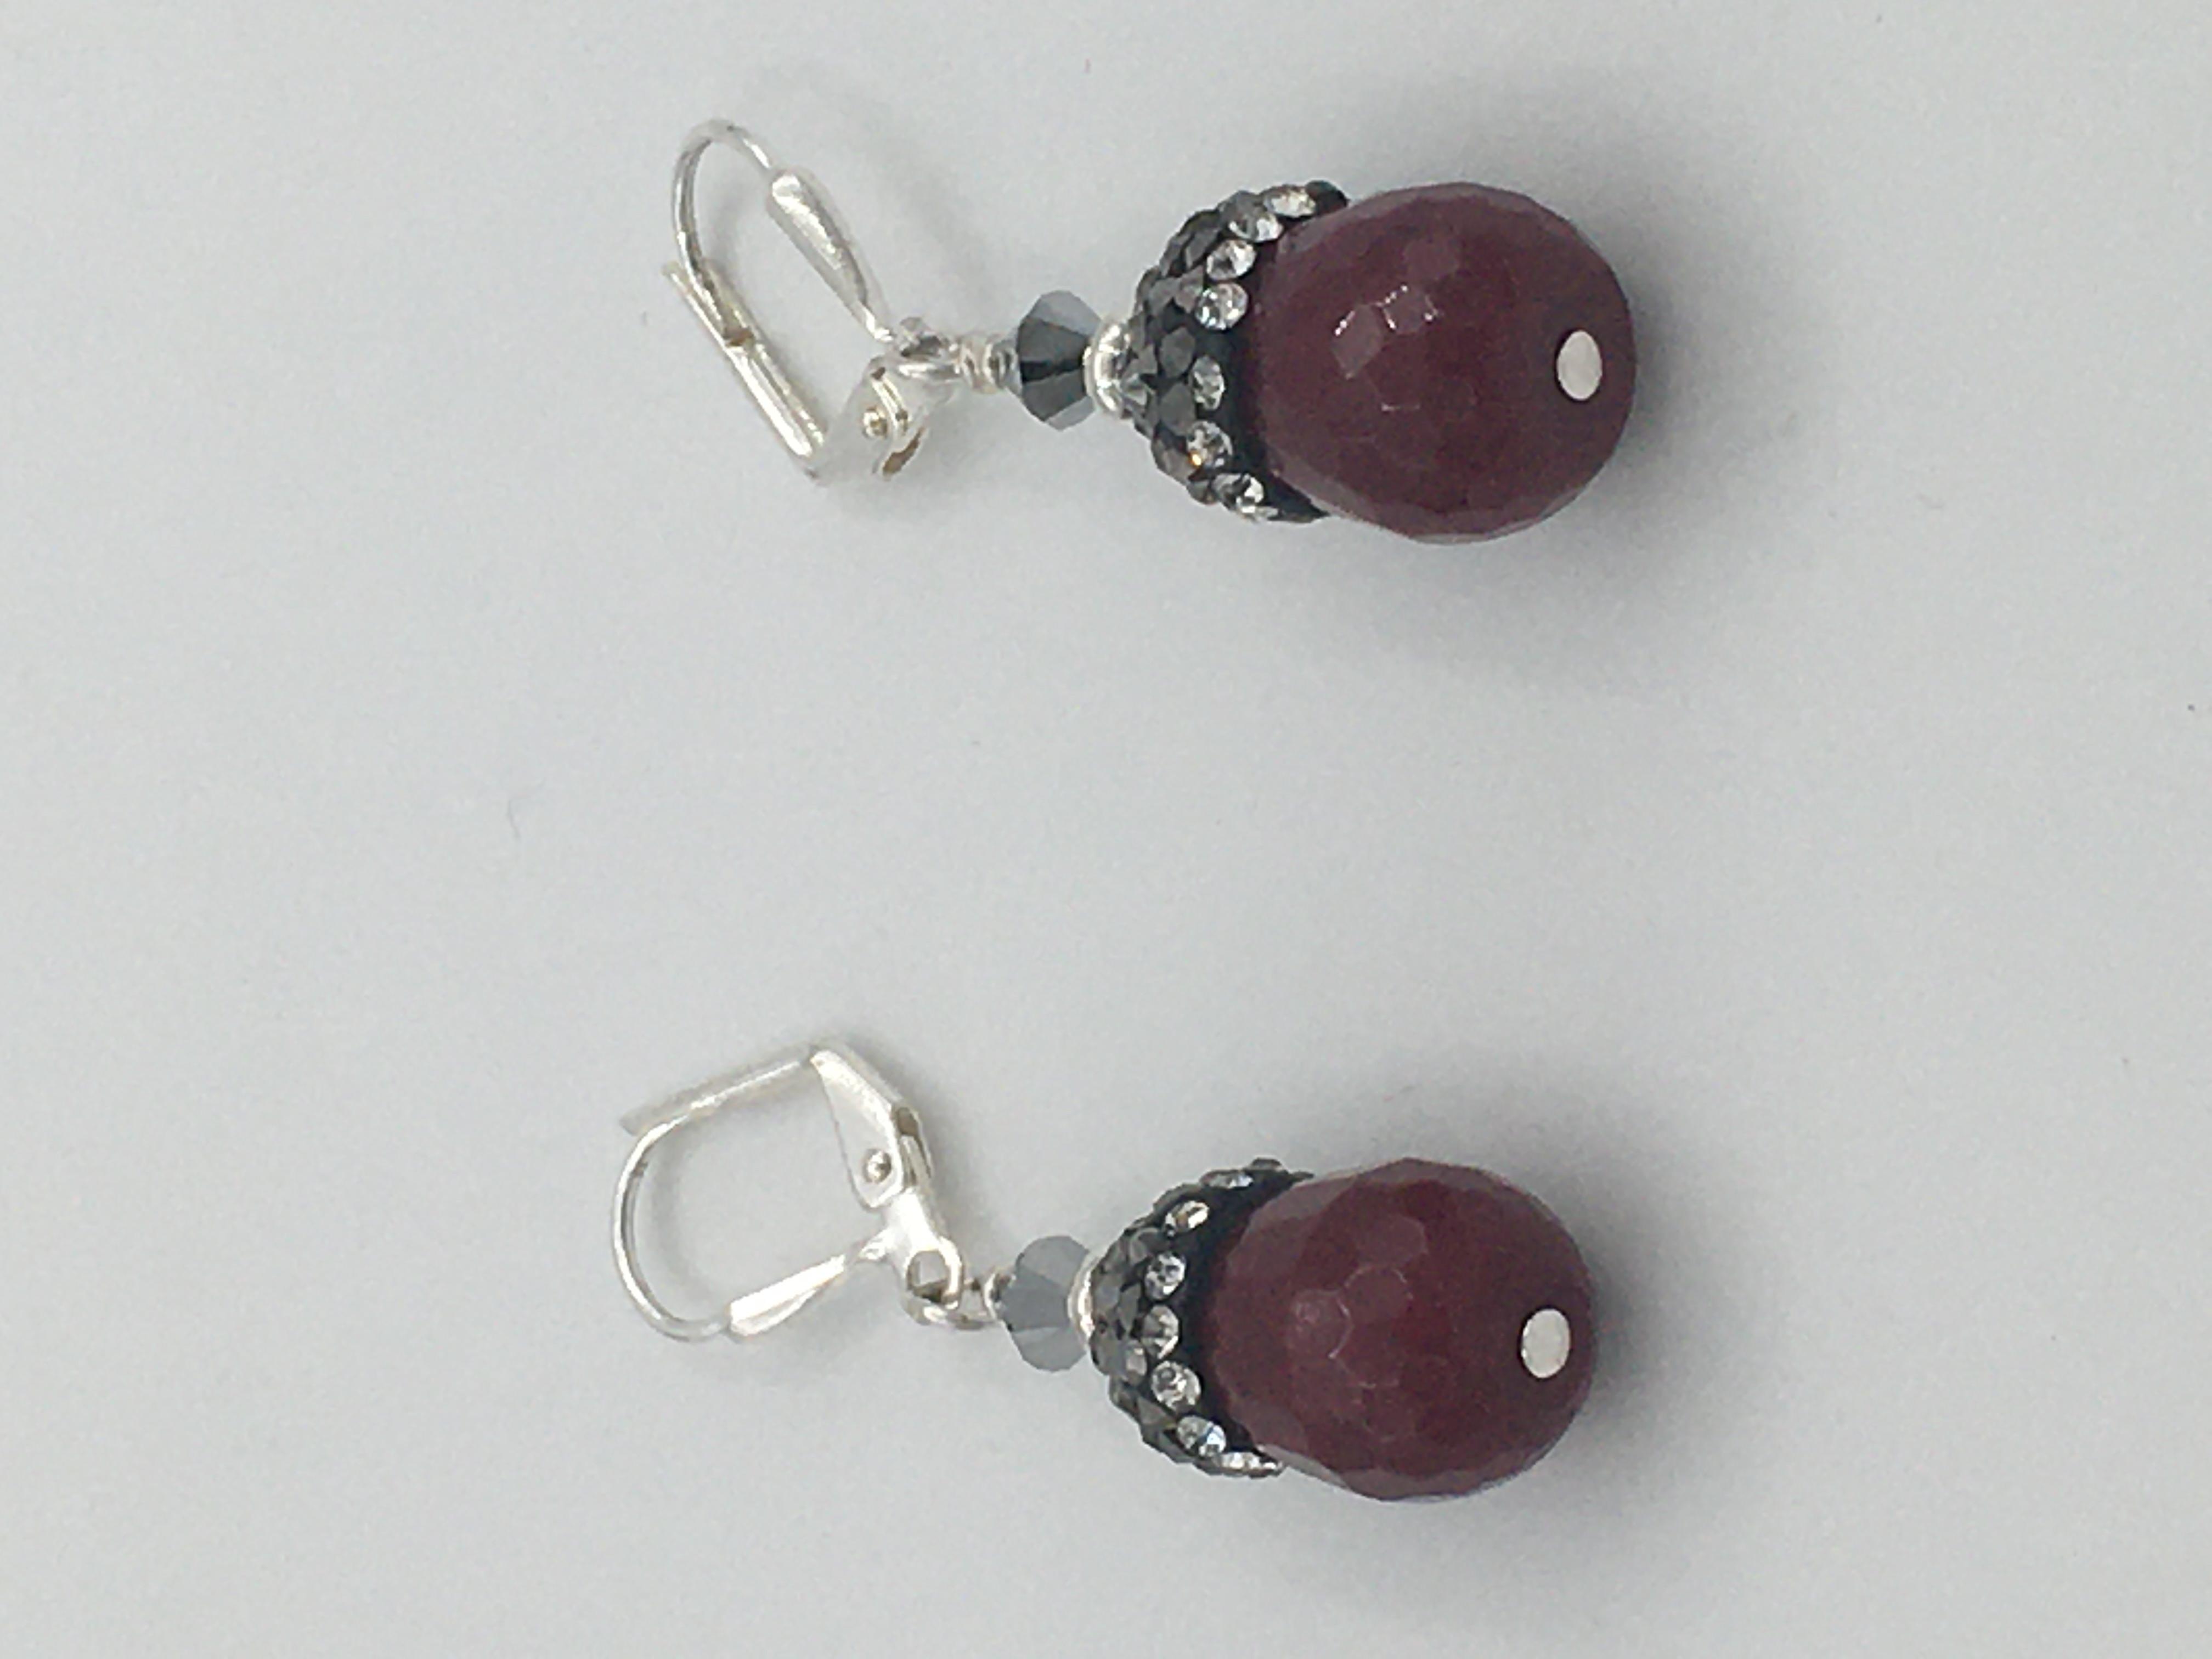 Jade Swarovski Crystals - Earrings Image